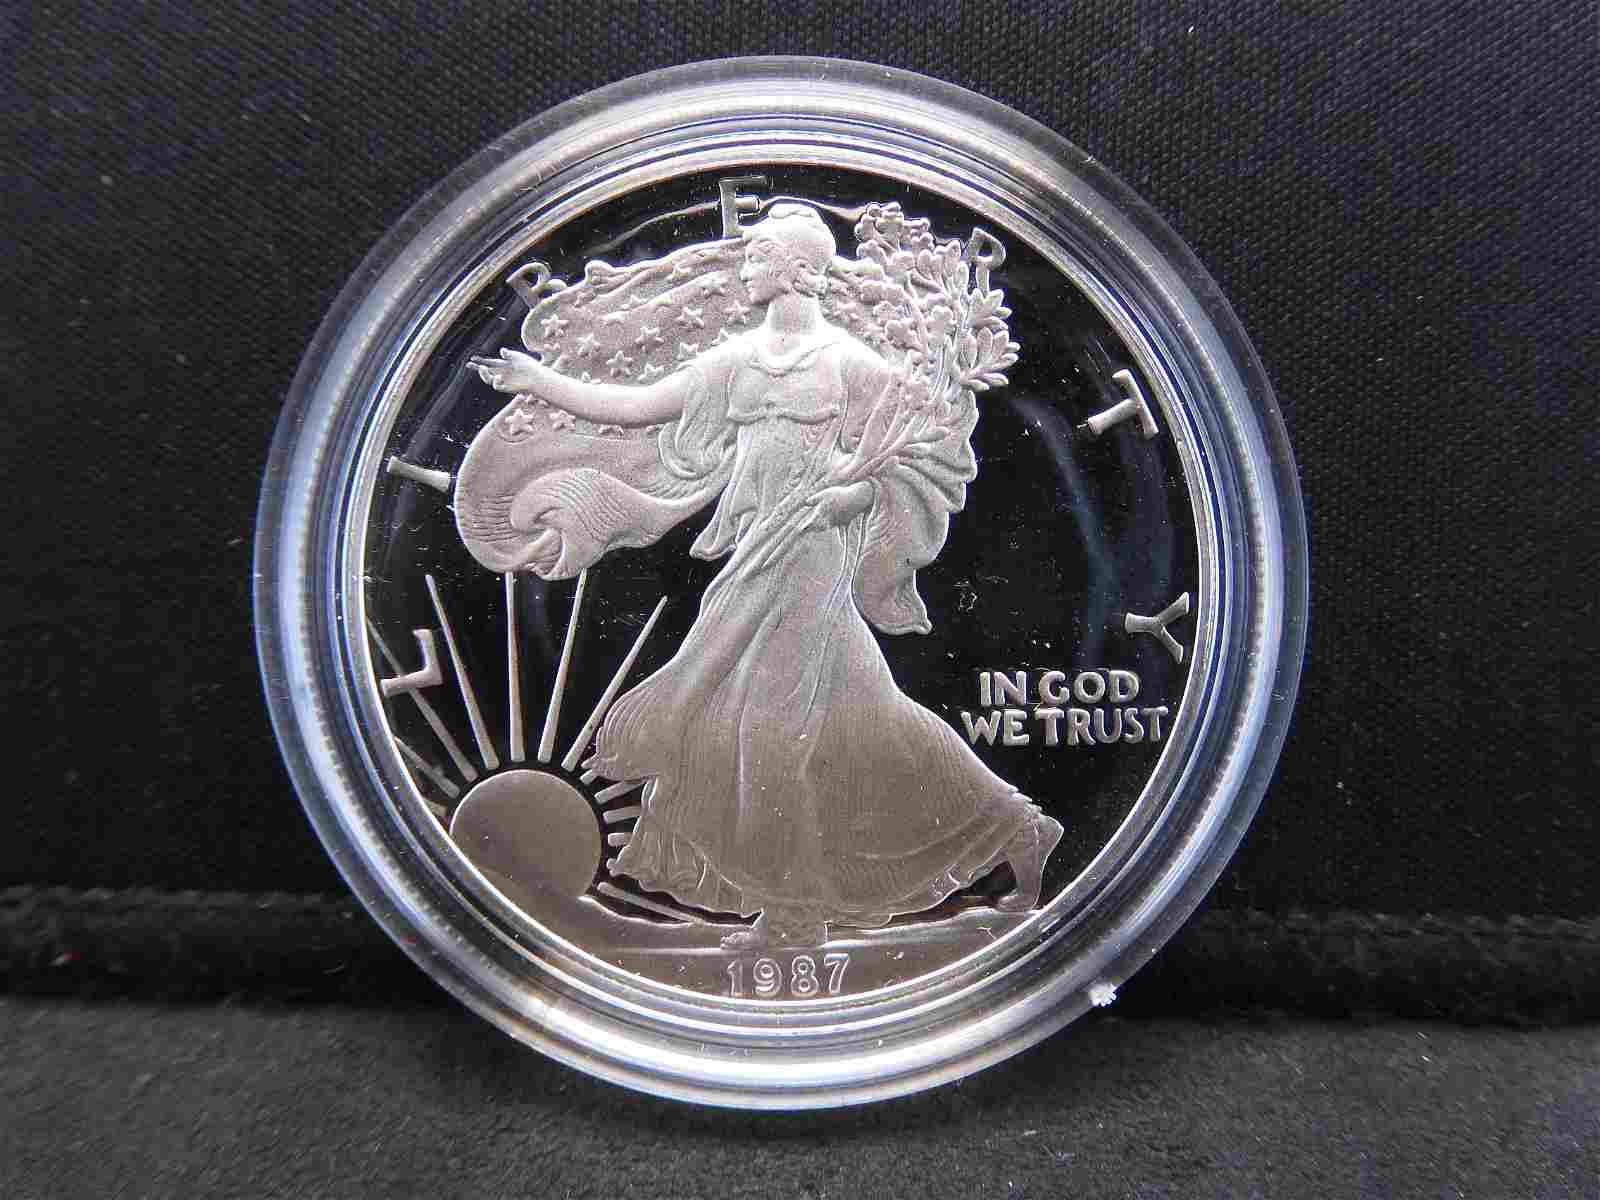 1987 S Proof, American Silver Eagle .999 Fine Silver, 1